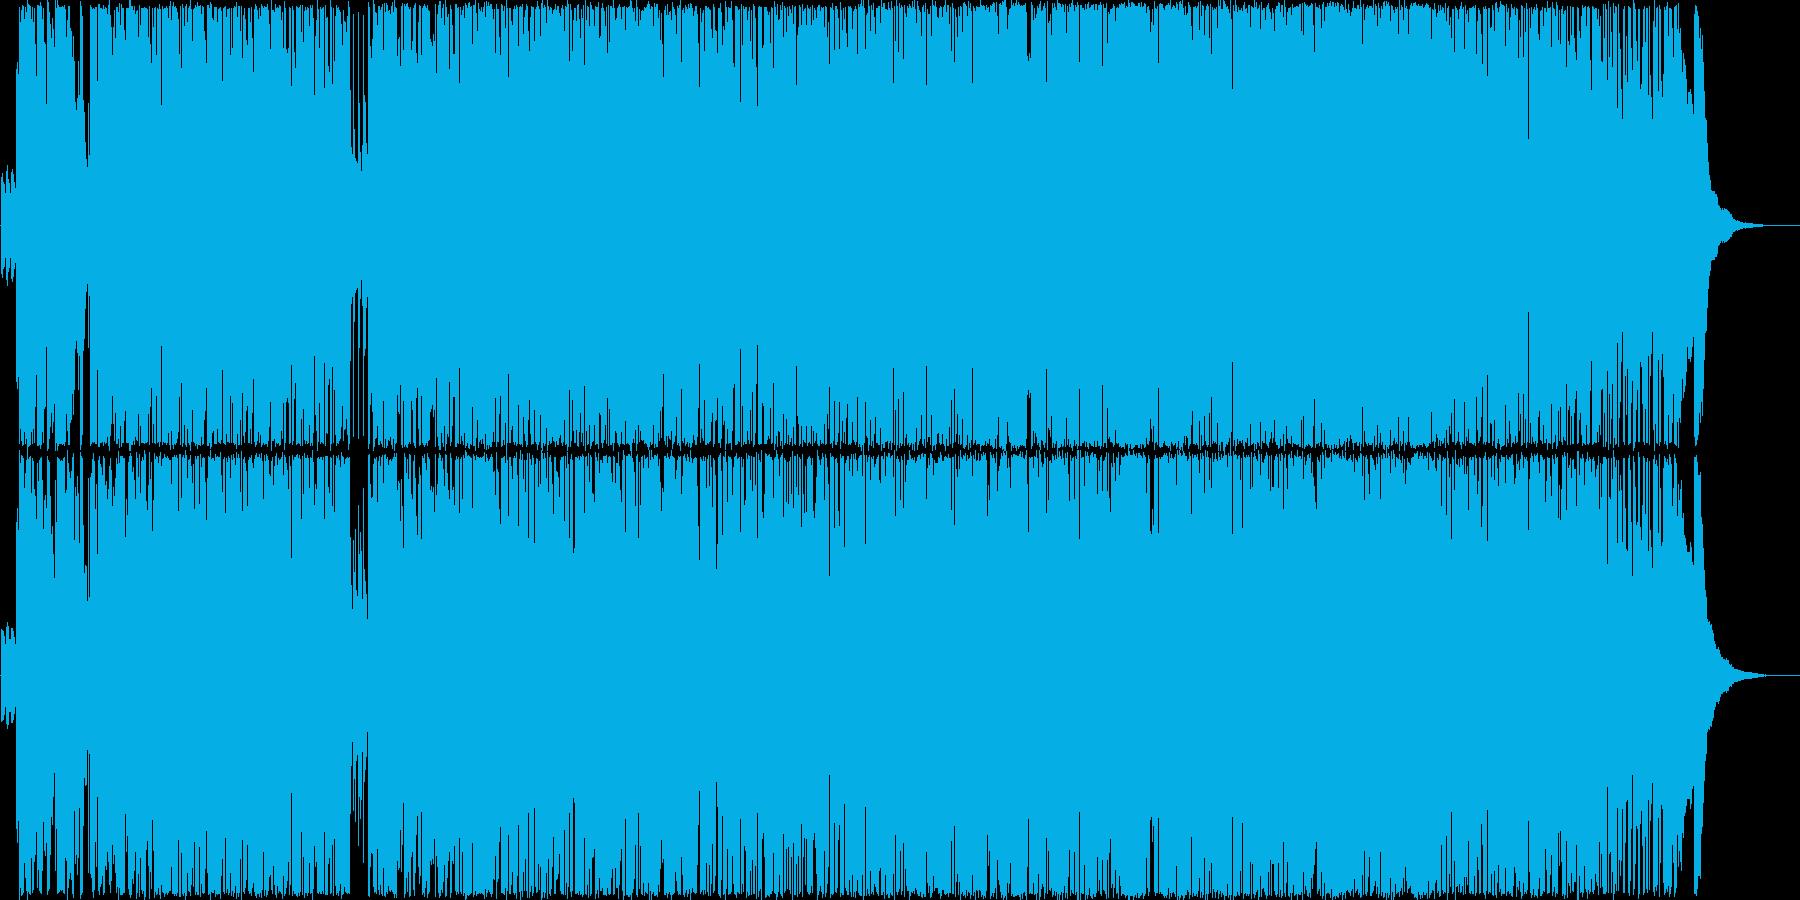 ピアノ伴奏でふわふわしたガールズポップの再生済みの波形